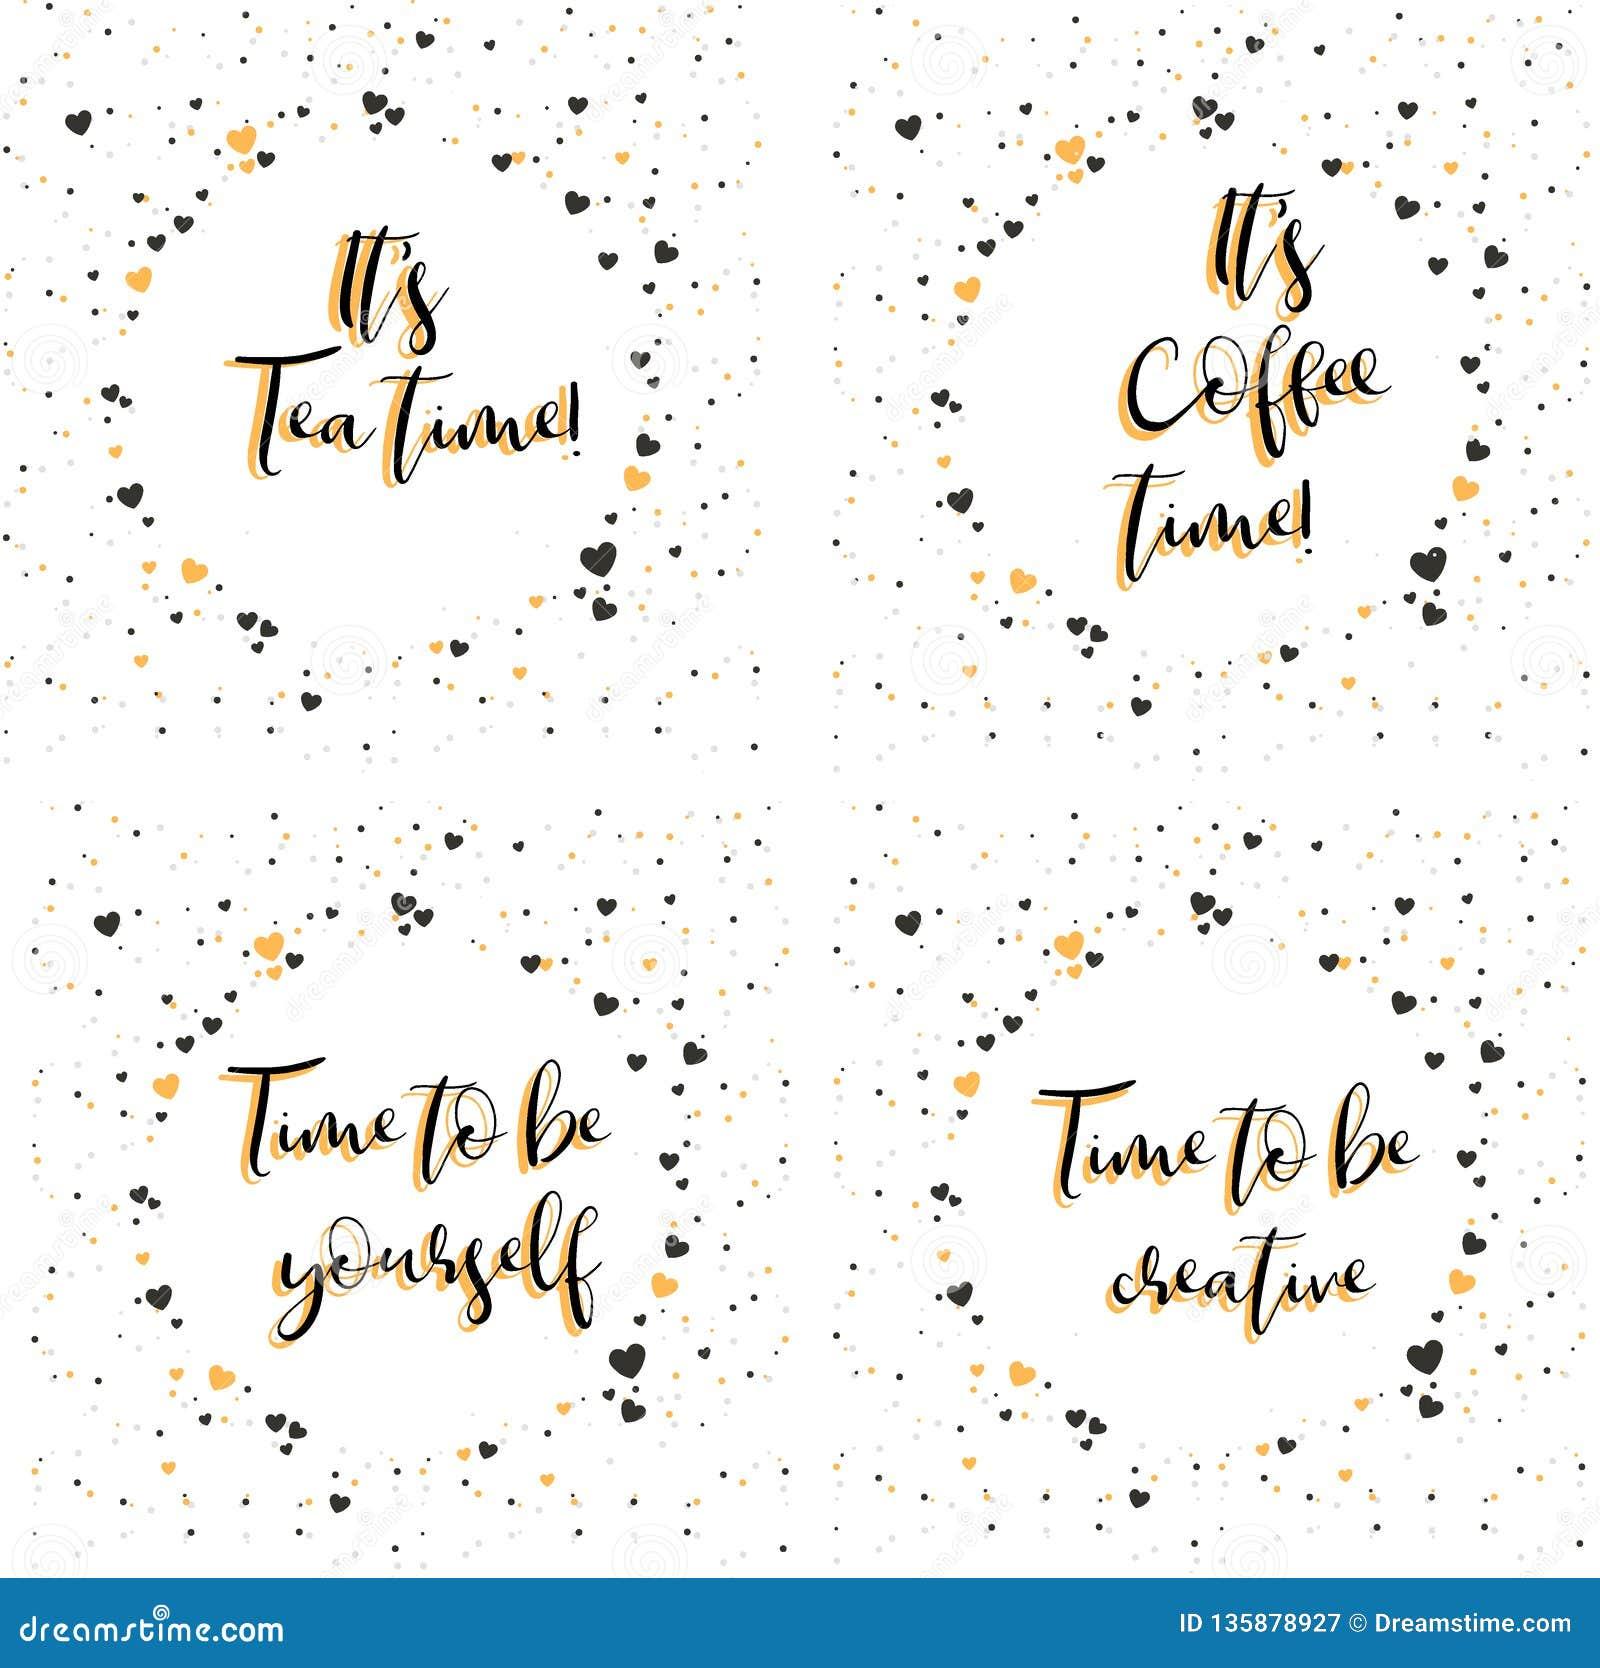 它` s茶时间 它` s咖啡时间 时刻是你自己 是创造性的时间 与富启示性的词组的字法